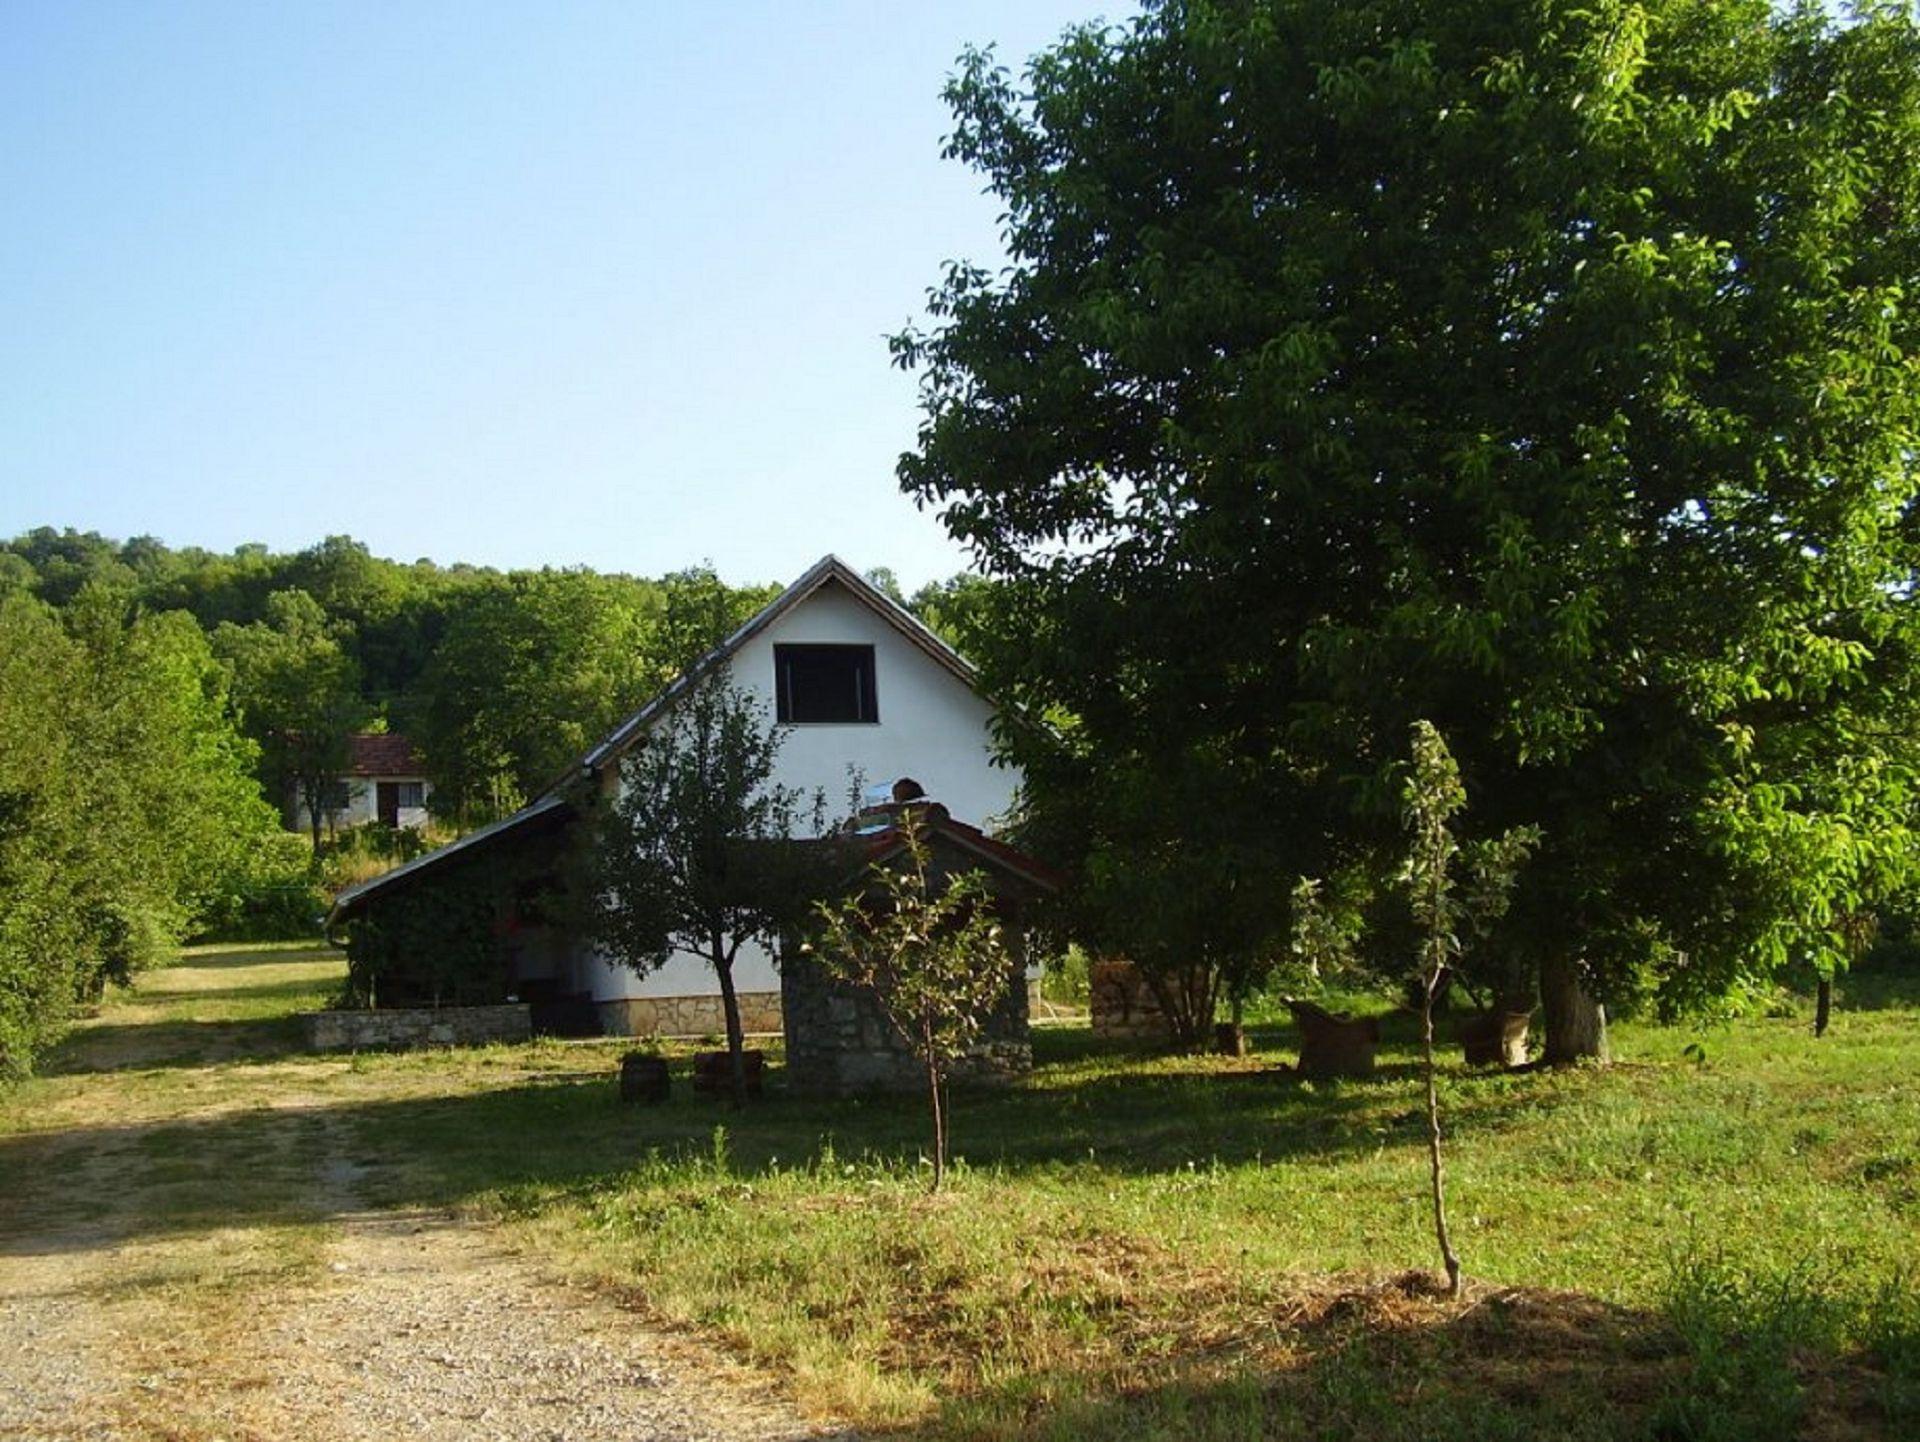 Biserka - Gacka dolina - Maisons de repos, villas Croatie - maison